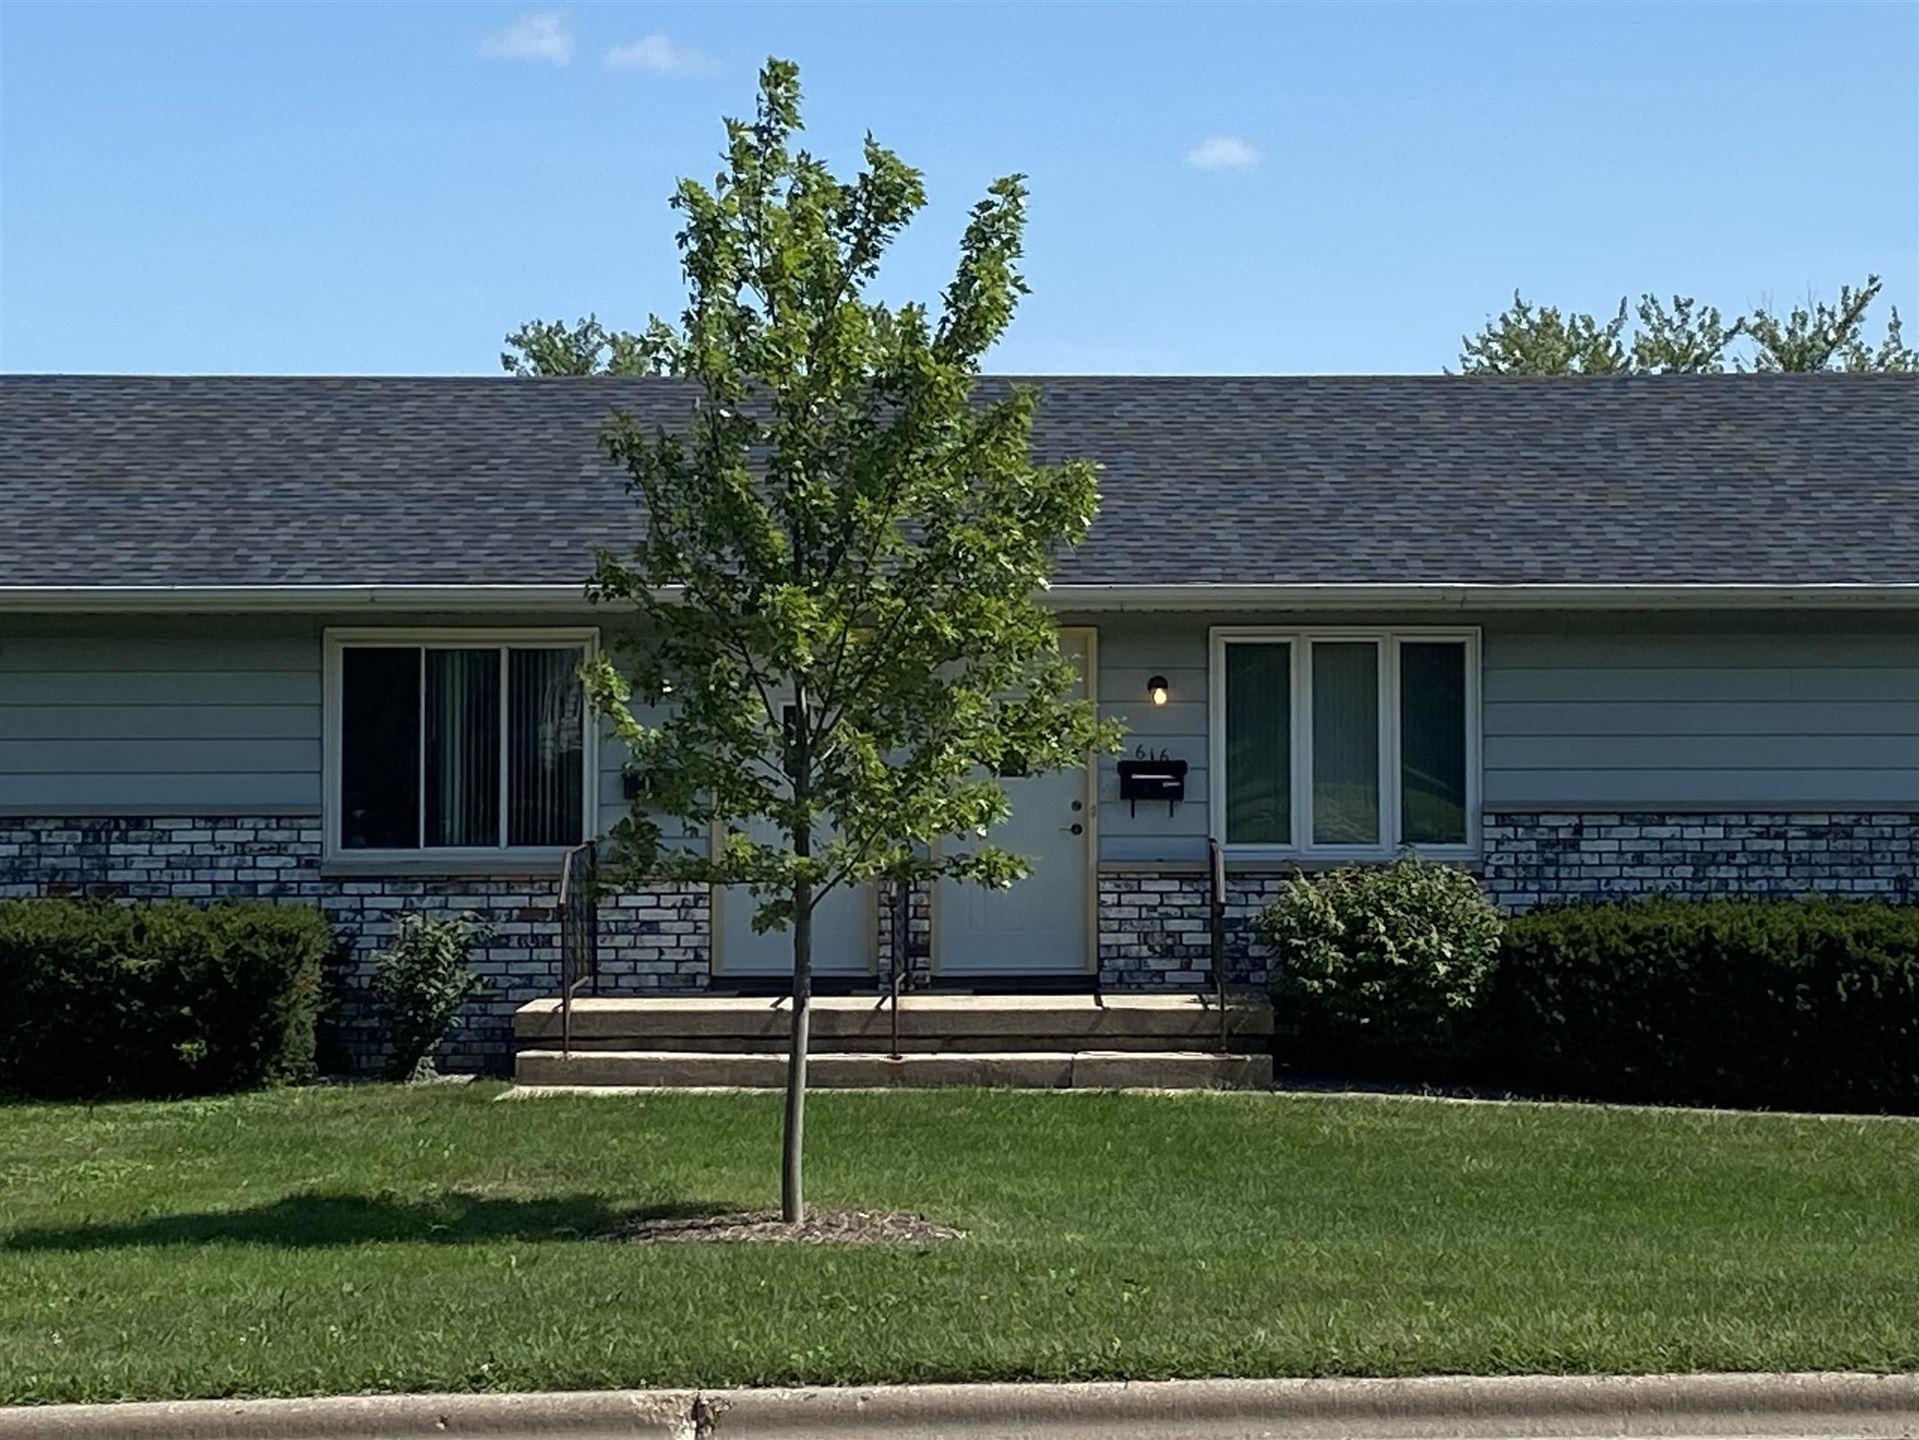 616-618 N Main St, Lodi, WI 53555 - #: 1918828